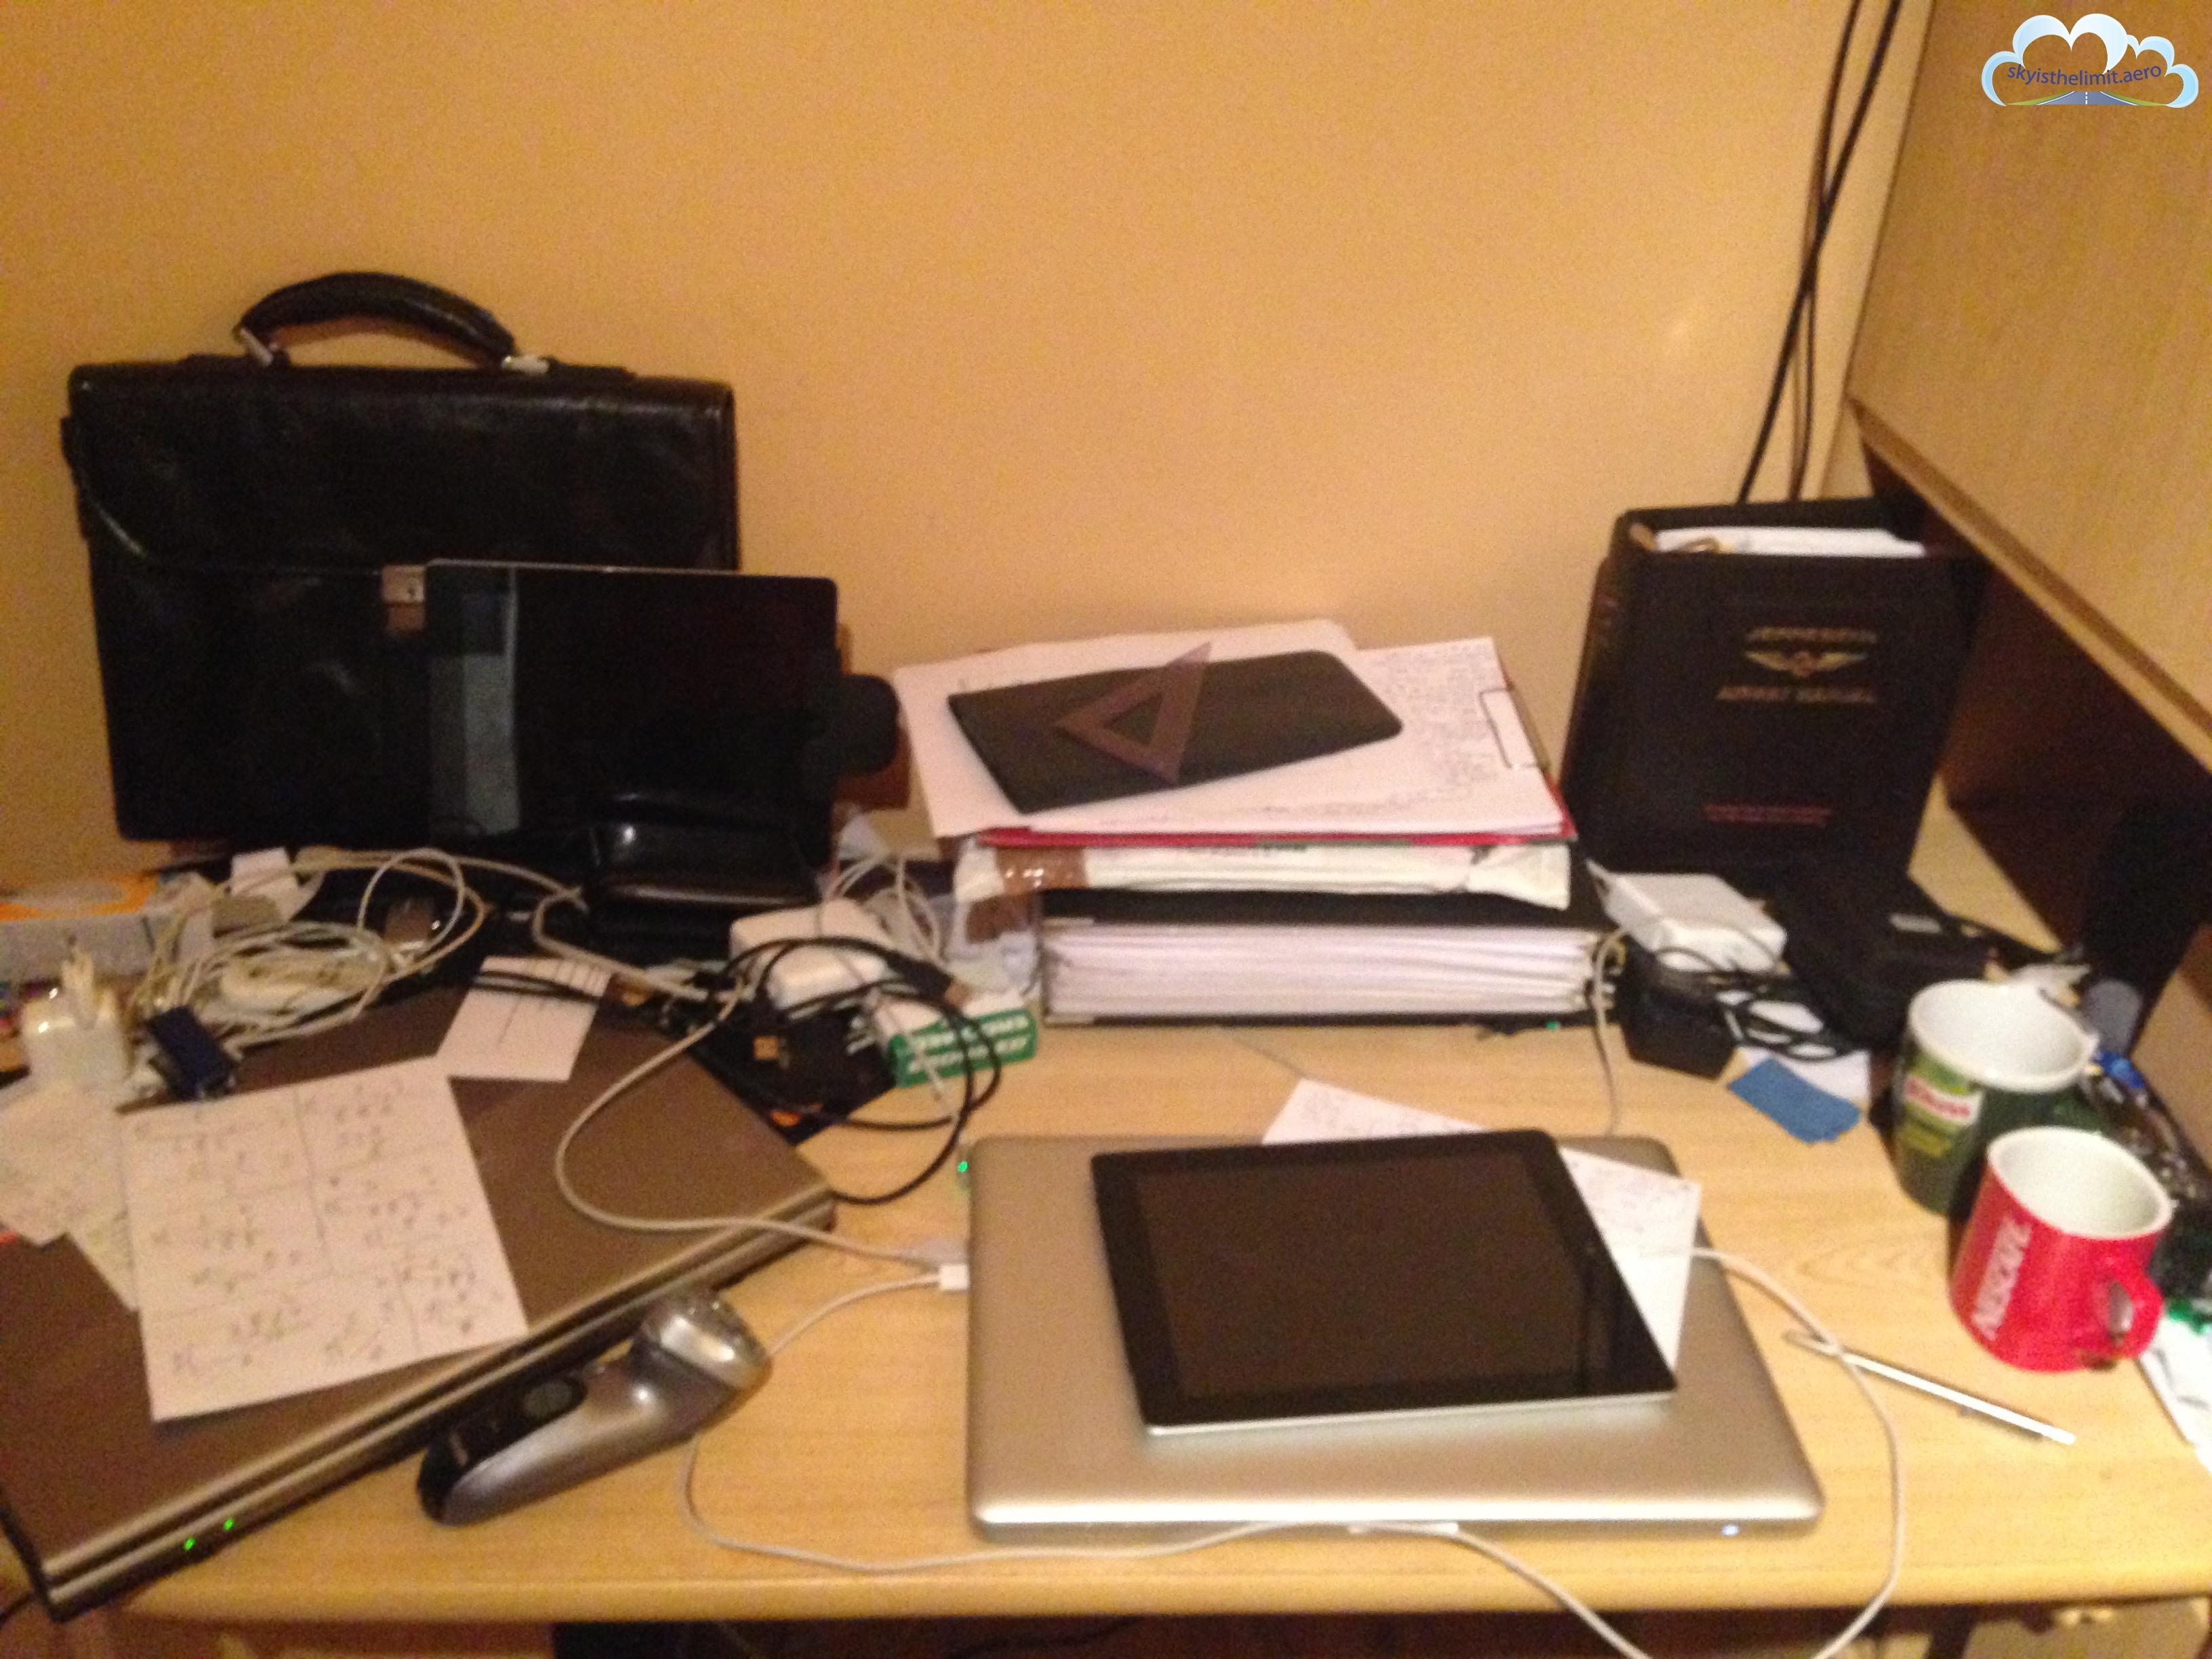 Moje biurko - w nowym domu mam już ładniejsze i trochę mniejszy bałagan.